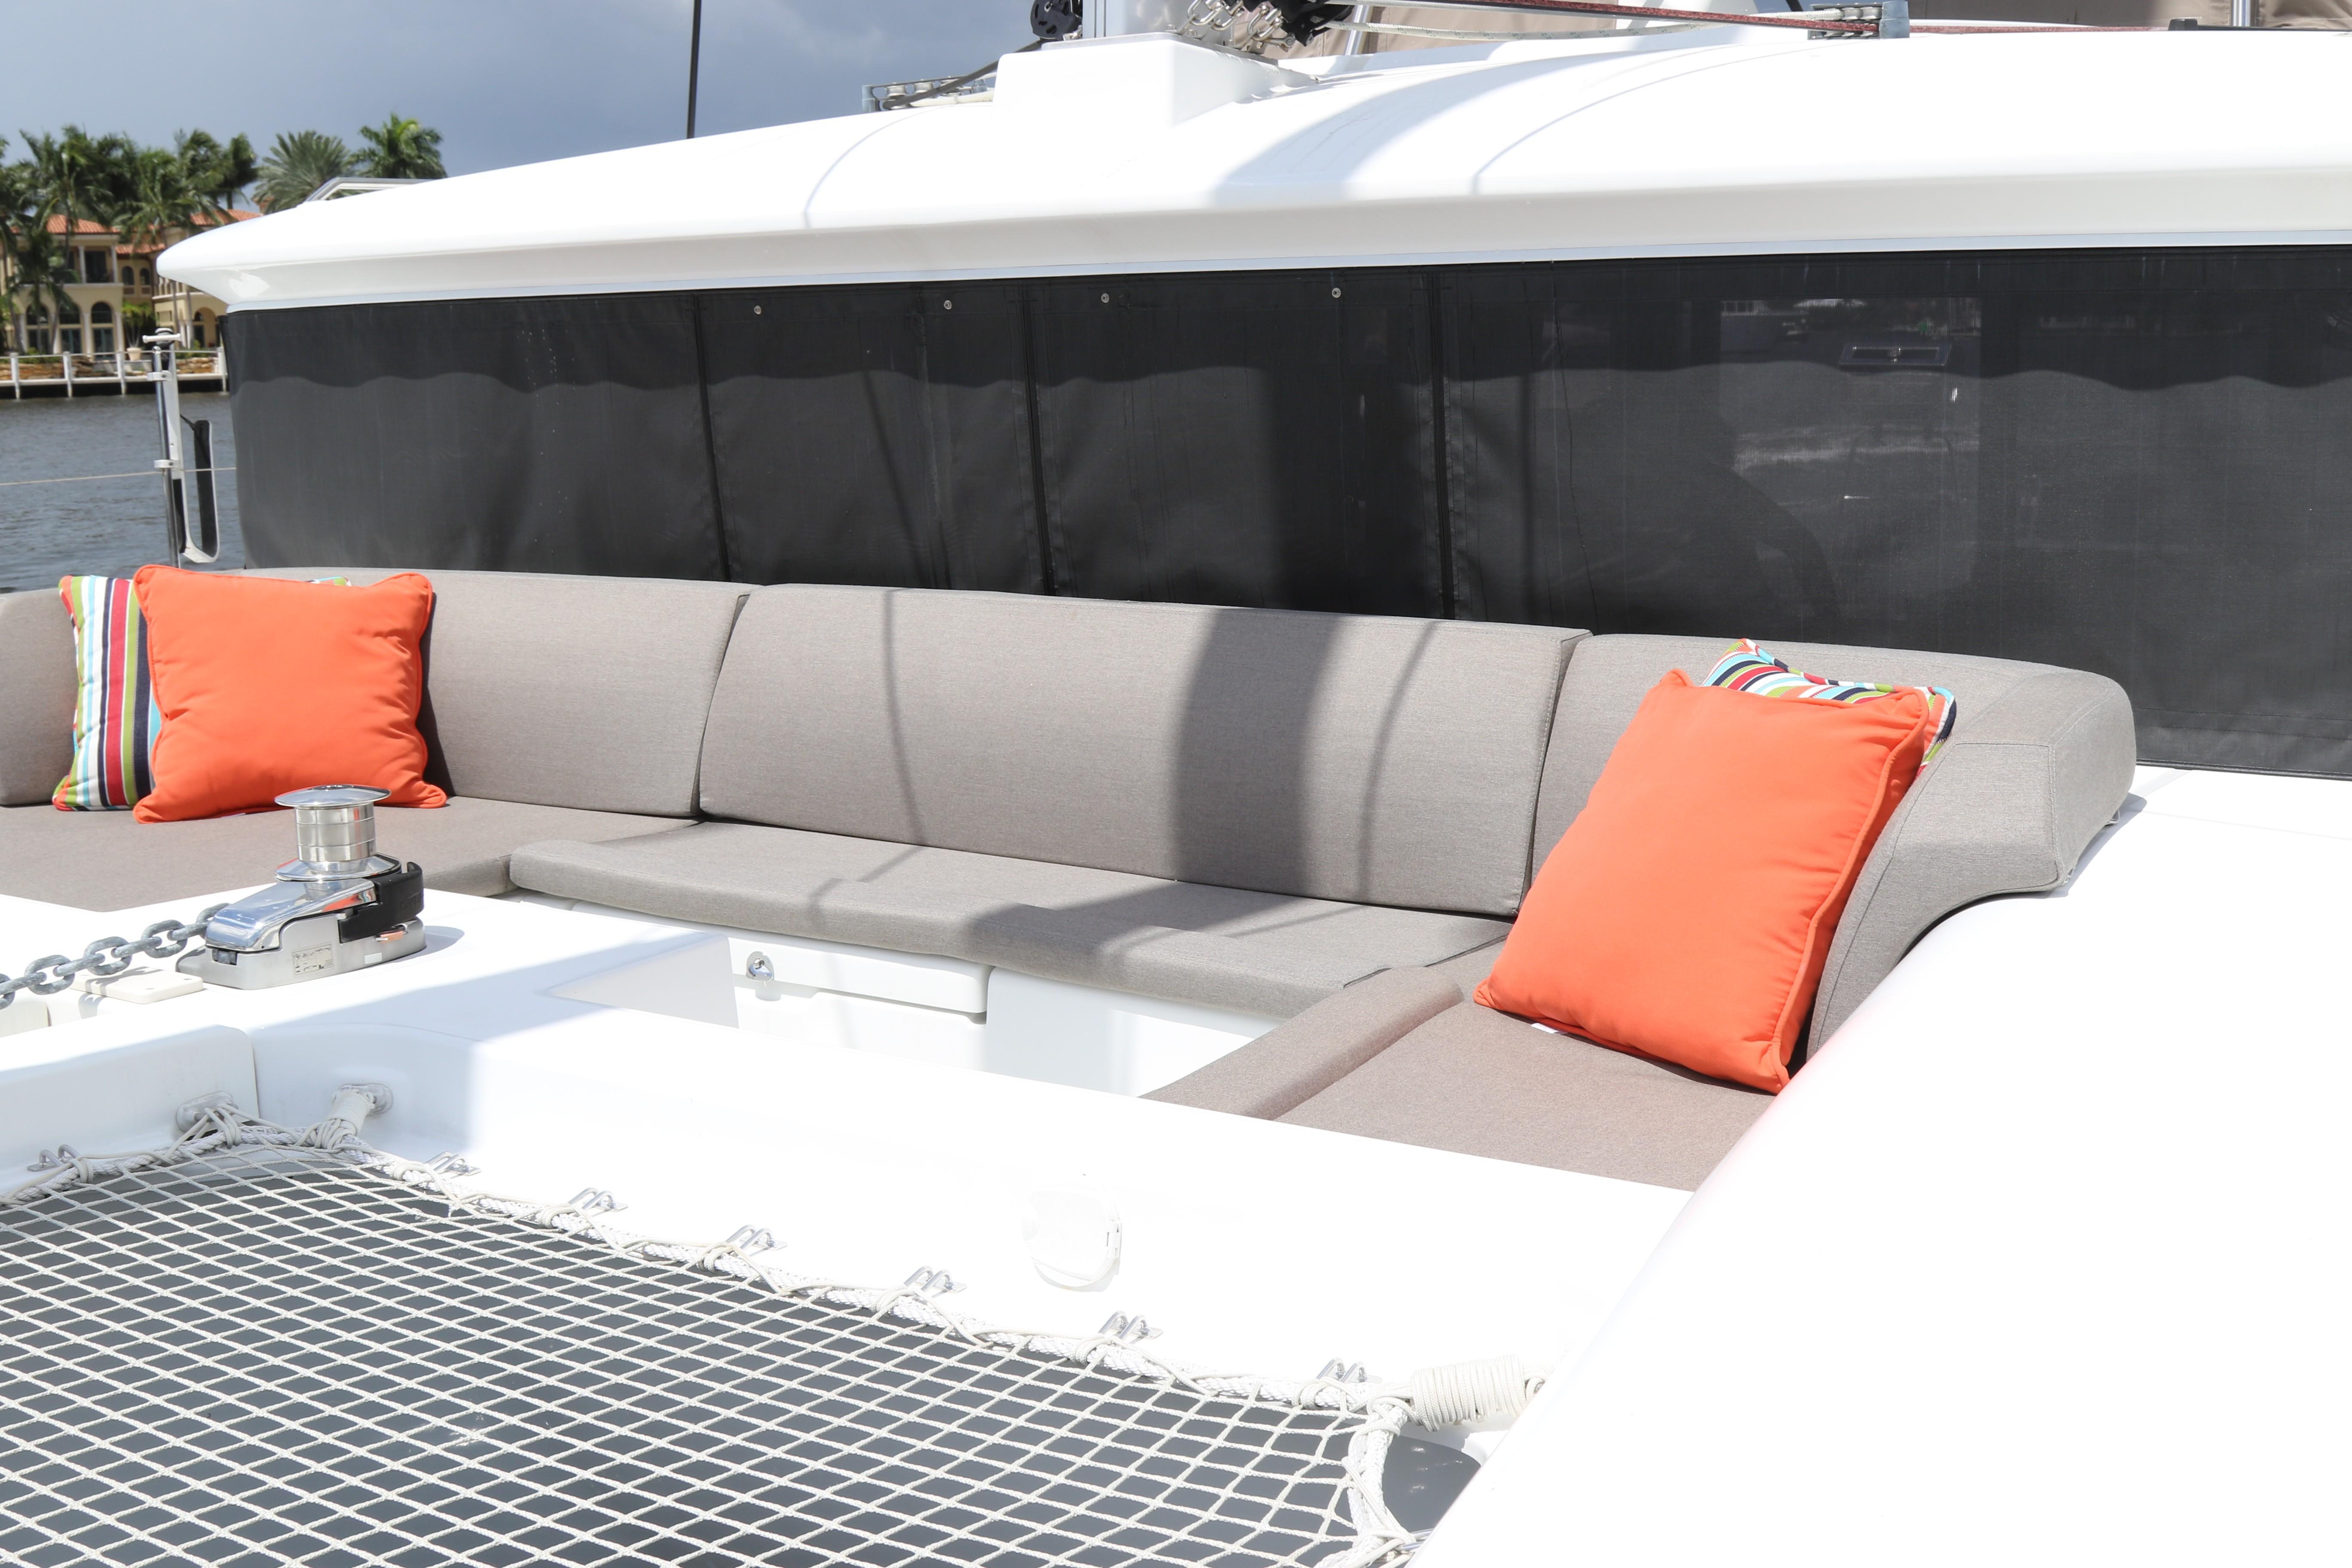 2016 Lagoon 45' Stars Aline - Flybridge Seating Area